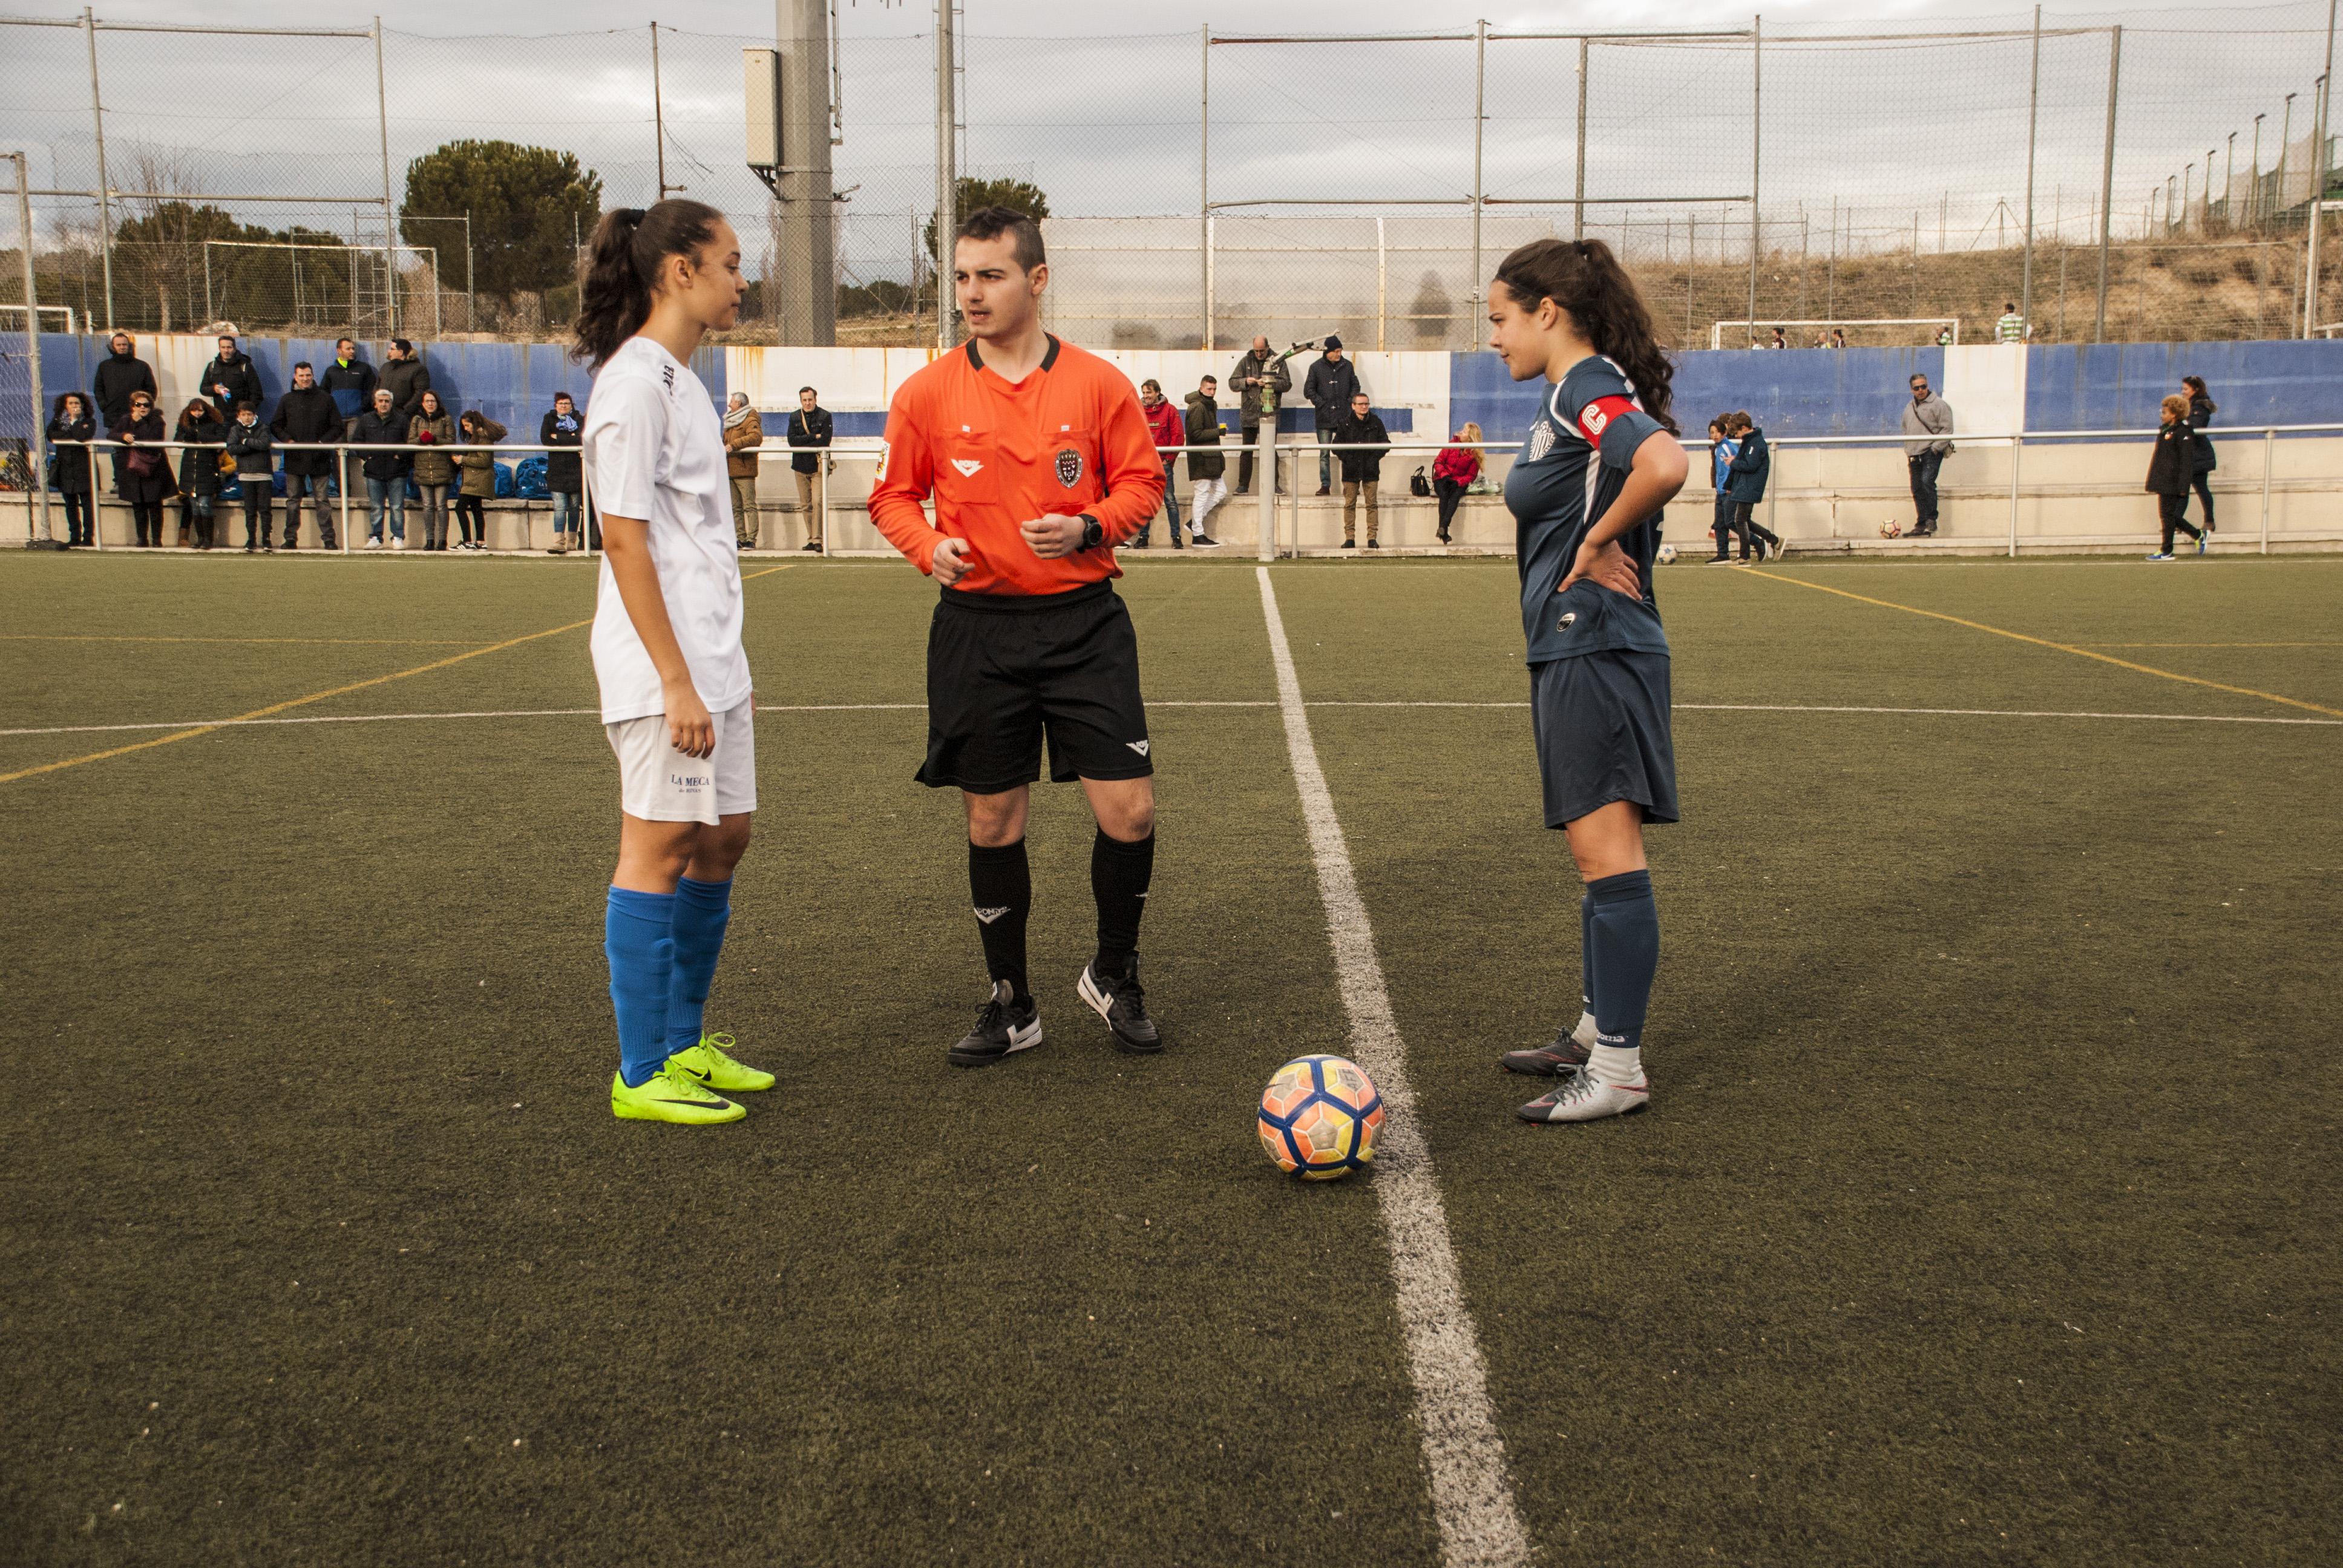 e0e26418bae3c Apenas 5 minutos antes del final de la primera parte el juvenil femenino  sufre 2 goles en contra